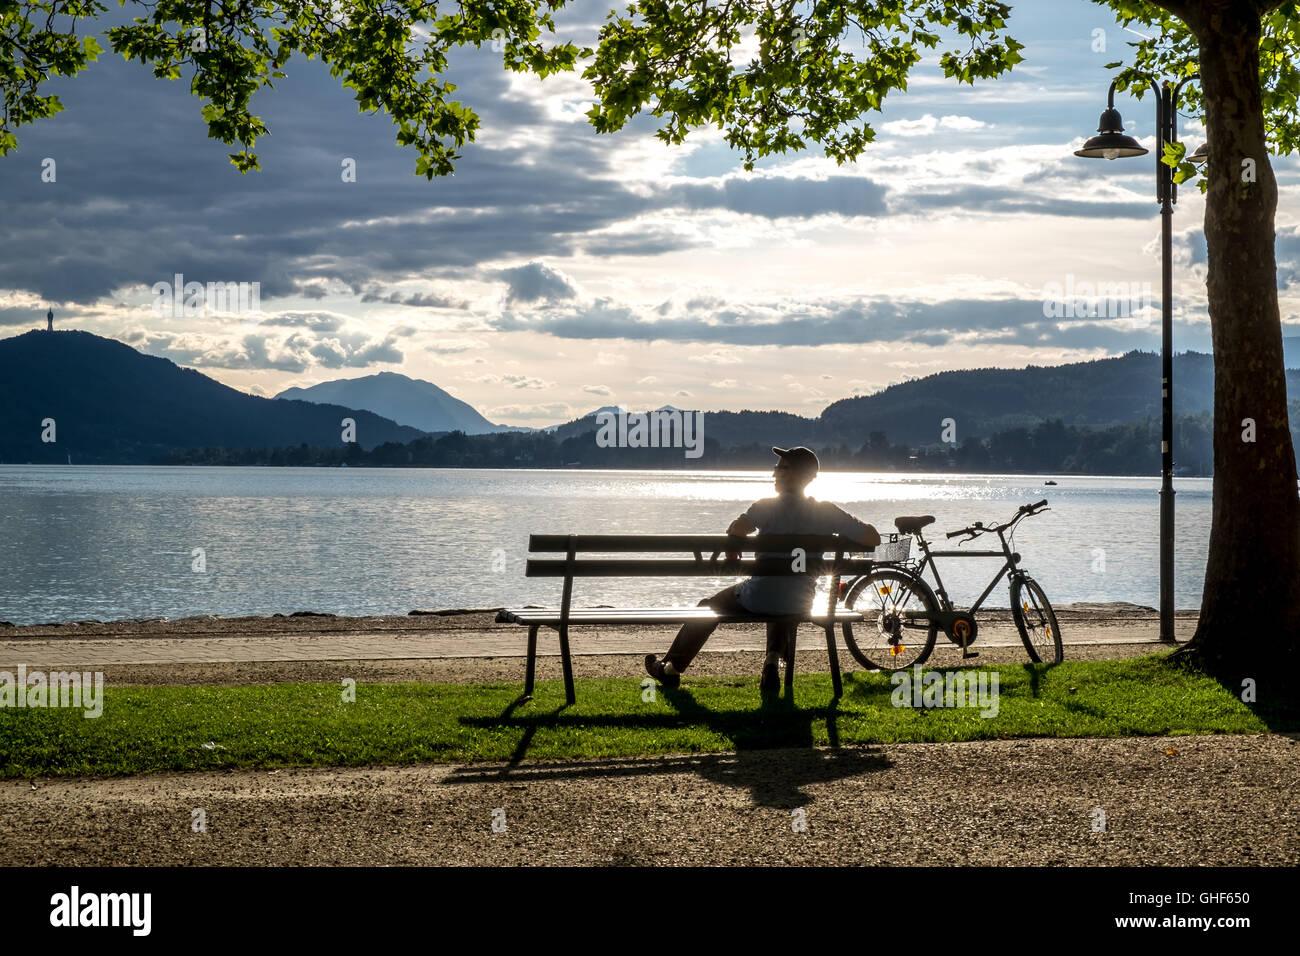 Man sitting on bench - Stock Image